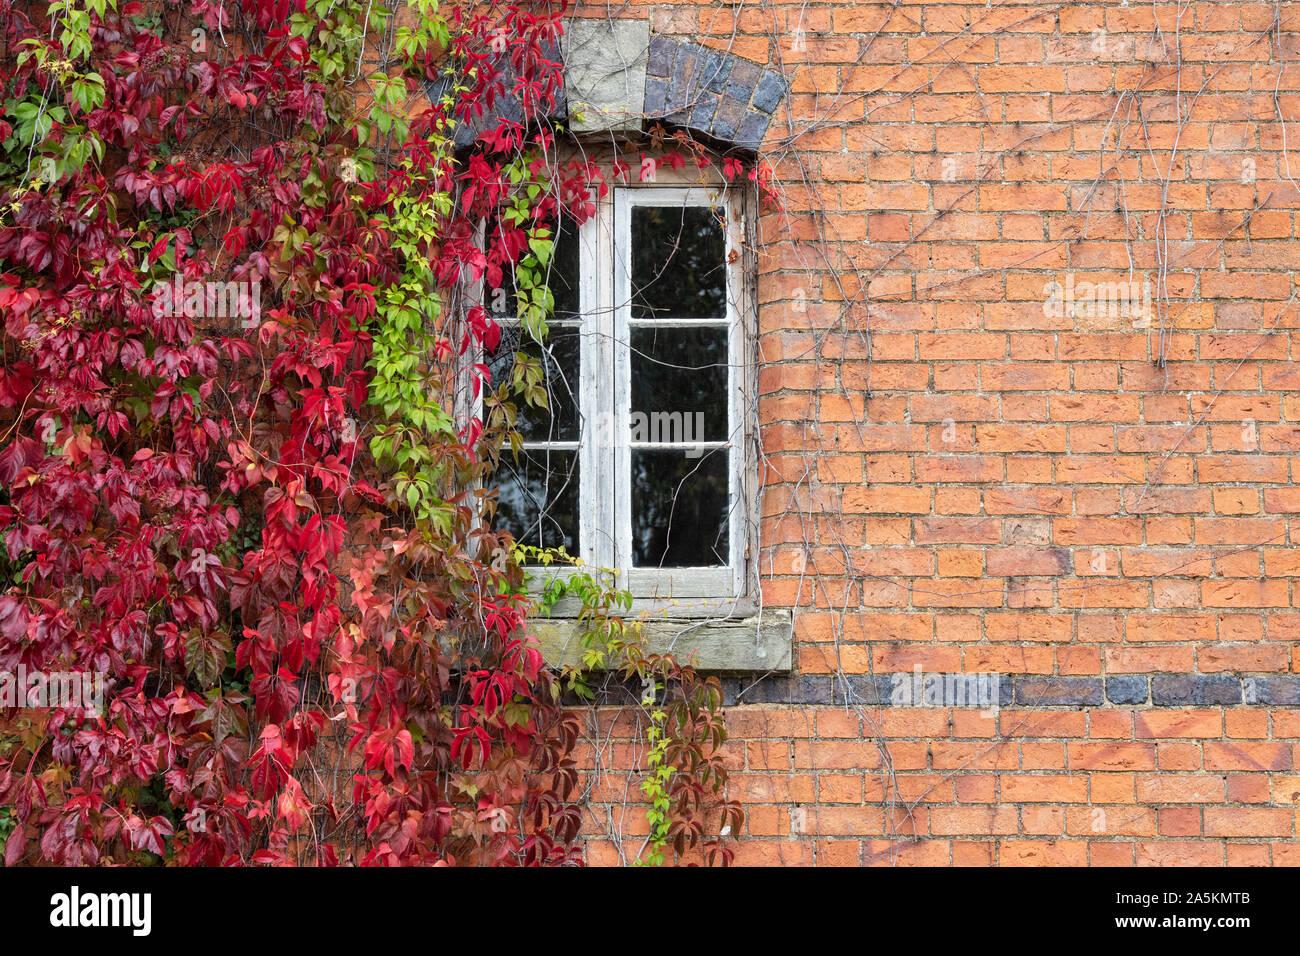 Parthenocissus Subtomentosa. Virginia Creeper/amerikanischen Ivy für ein rotes Backsteinhaus in der Burmington, Warwickshire, Großbritannien Stockfoto